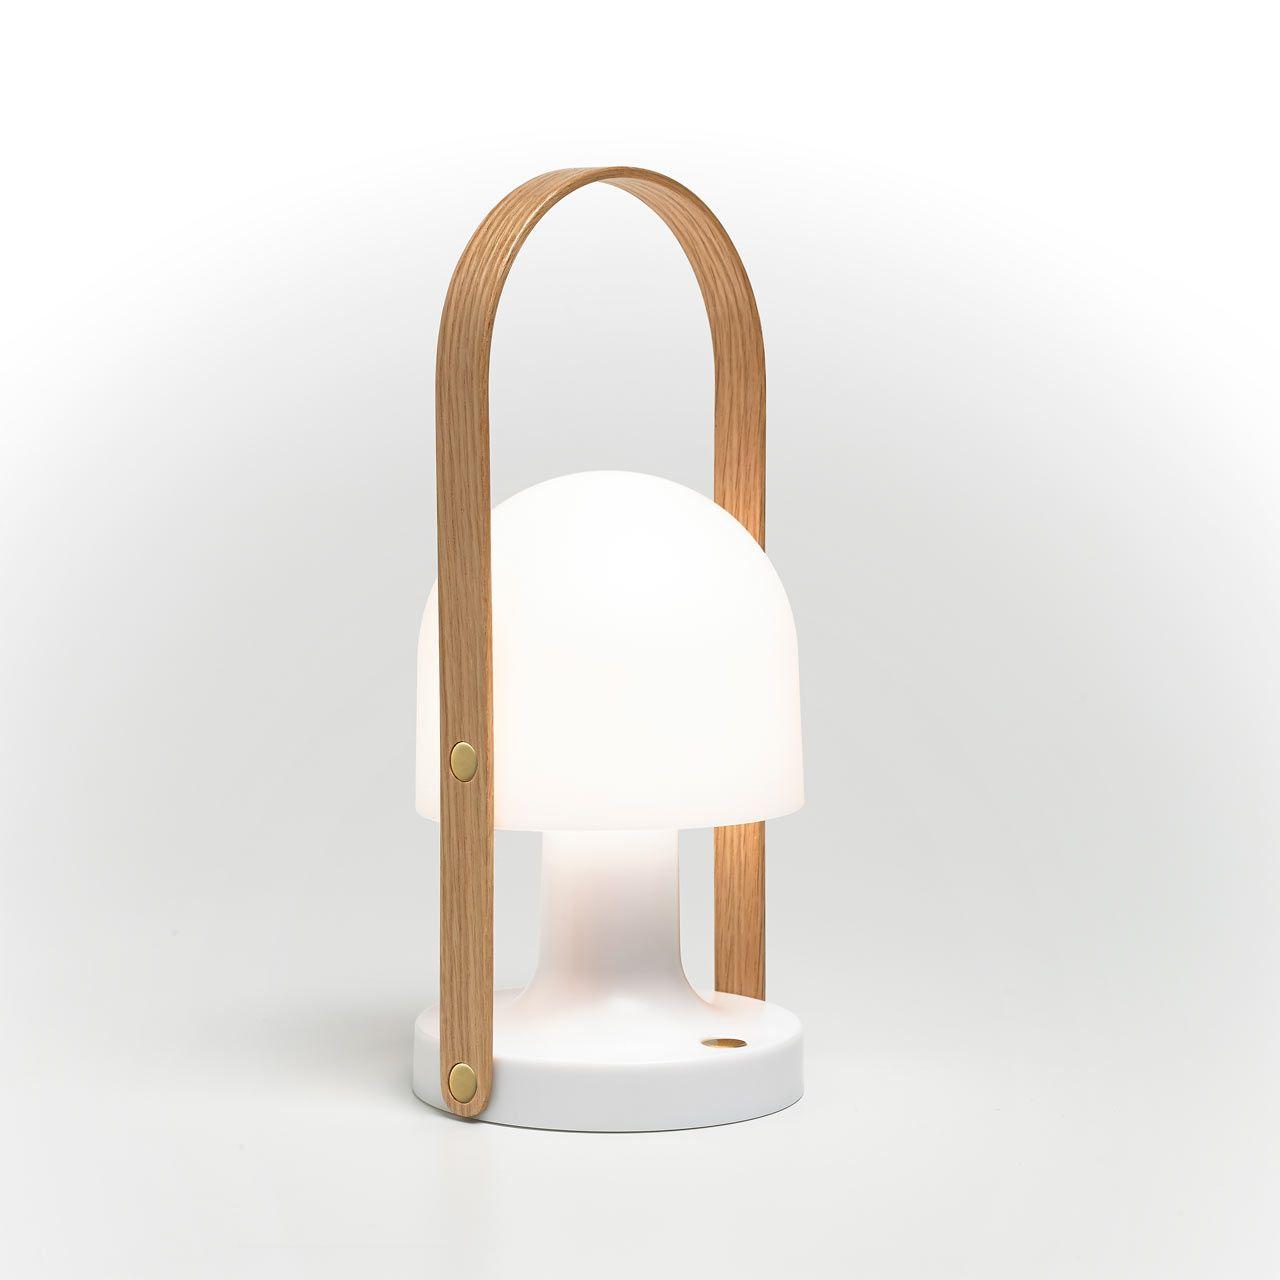 les 25 meilleures id es de la cat gorie lampe rechargeable sur pinterest kawaii pusheen de. Black Bedroom Furniture Sets. Home Design Ideas